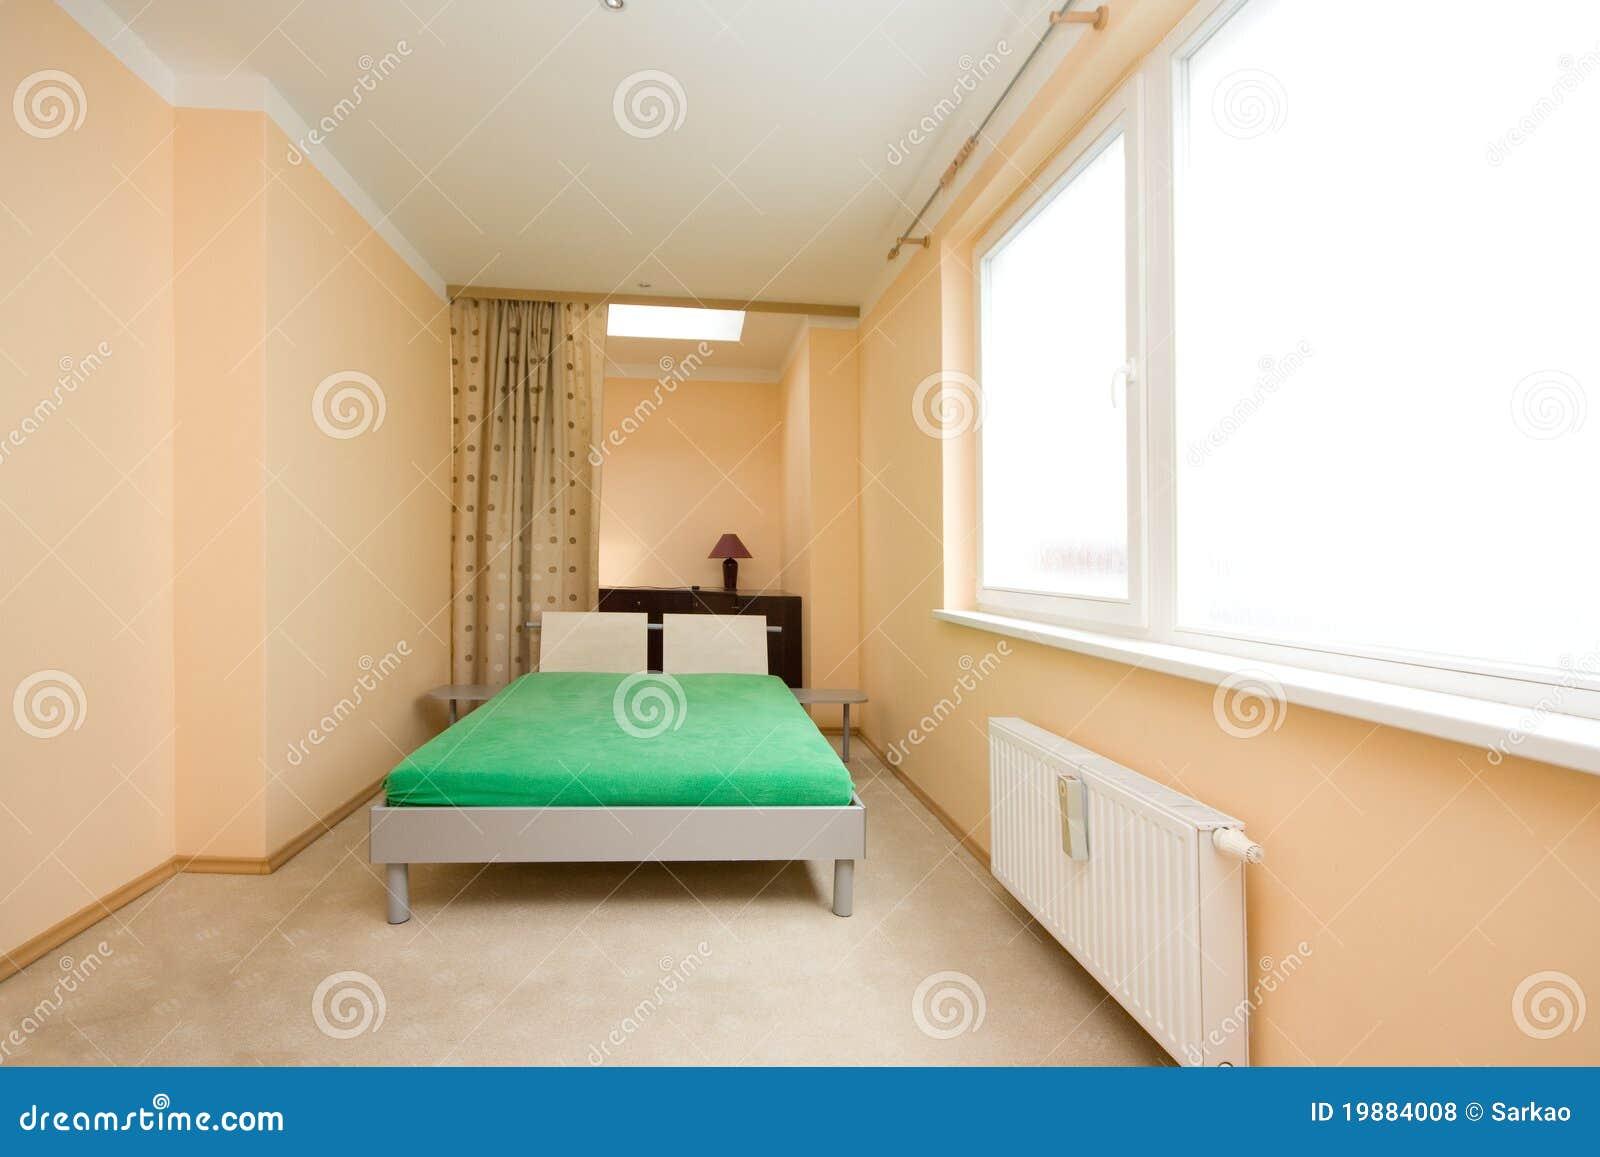 empty modern bedroom stock photo image of indoor green